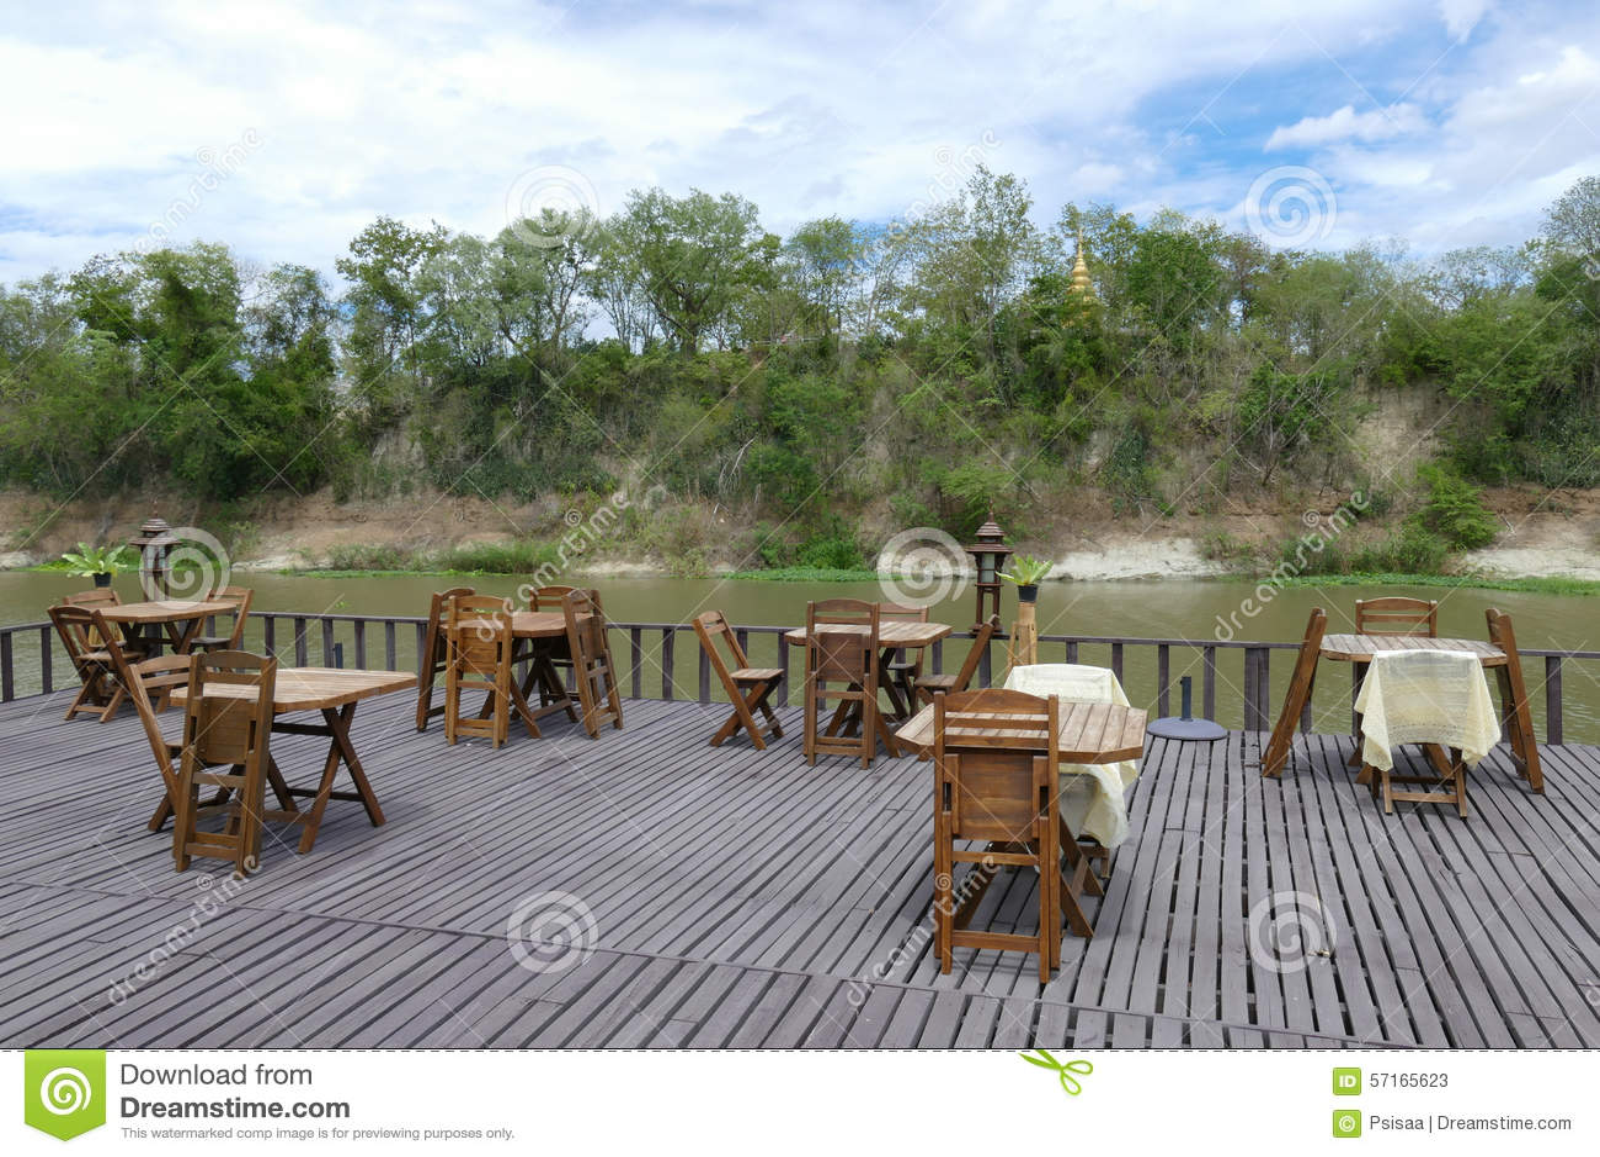 Holztisch Und Stuhl Auf Terrasse Am Ufer Stockbild Bild Von